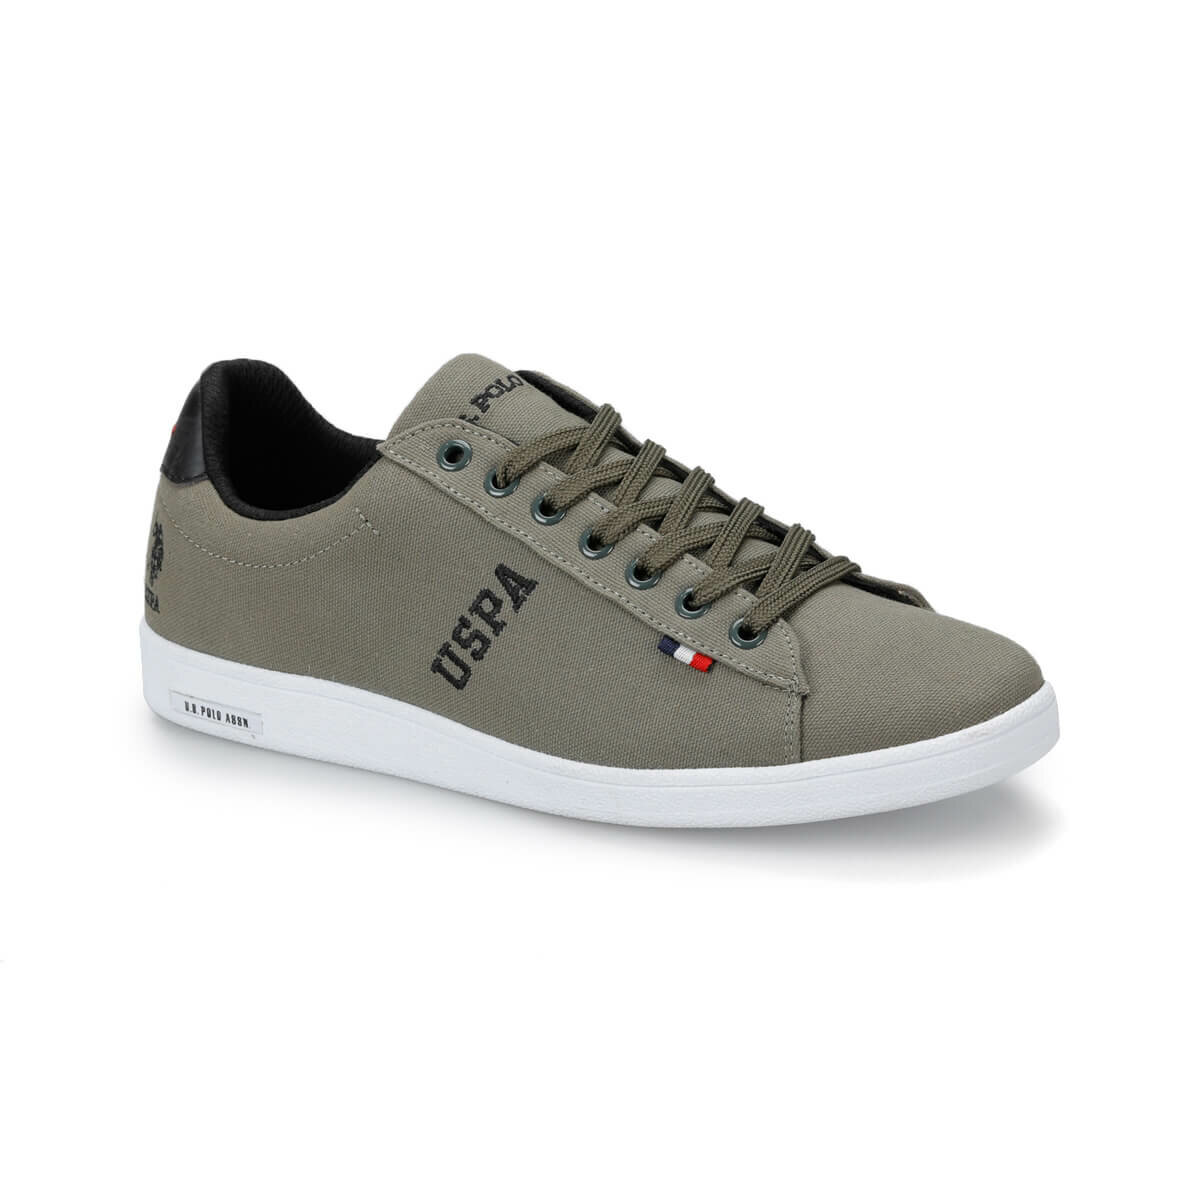 FLO FRANCO TEXTILE Navy Blue Men 'S Sneaker Shoes U.S. POLO ASSN.